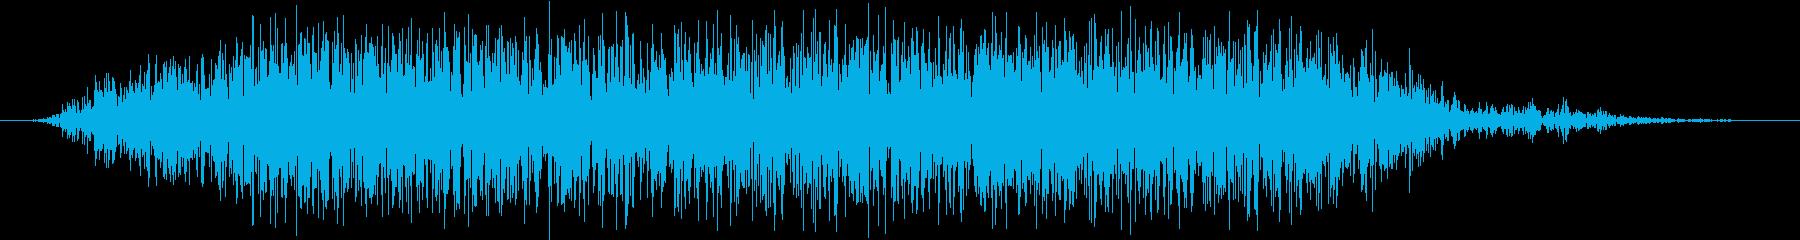 モンスター 悲鳴 45の再生済みの波形